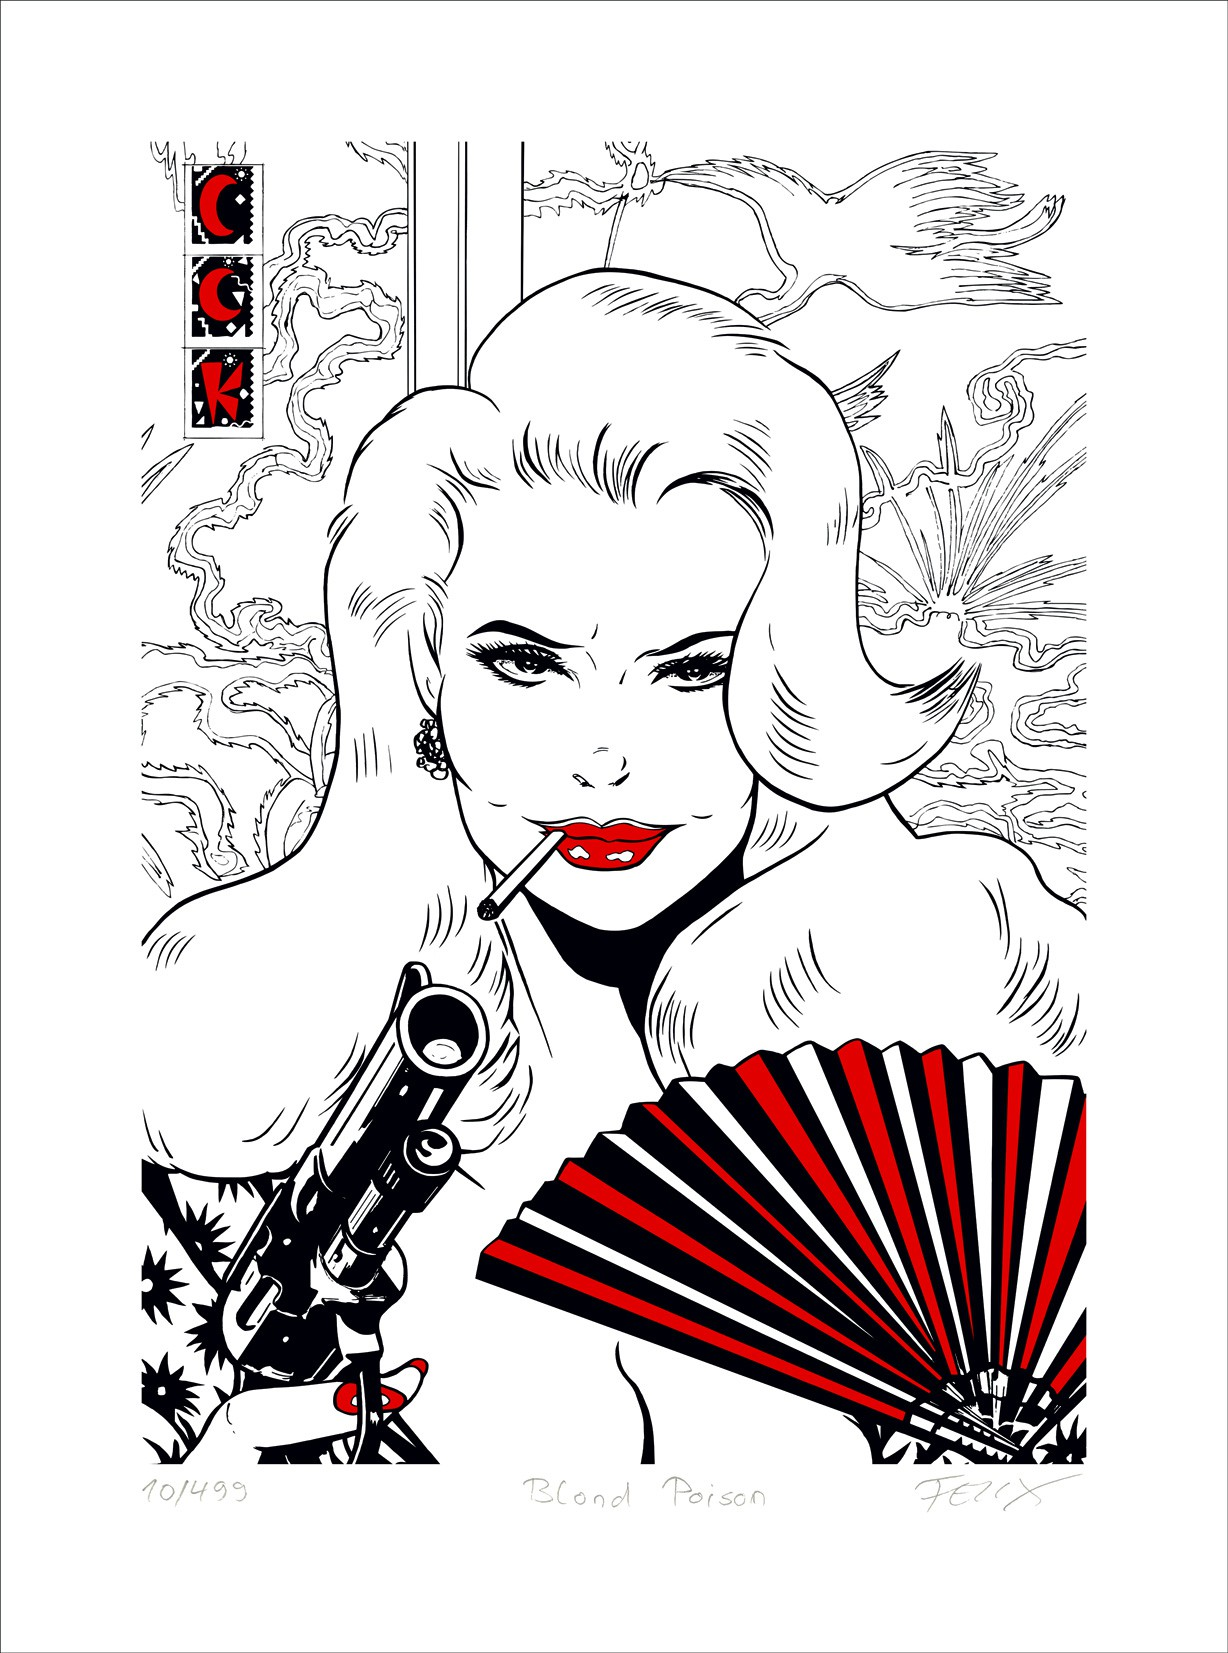 FeliX: Blond Poison. Ungerahmtes Blatt, einzeln nummeriert, betitelt und vom Künstler handsigniert.